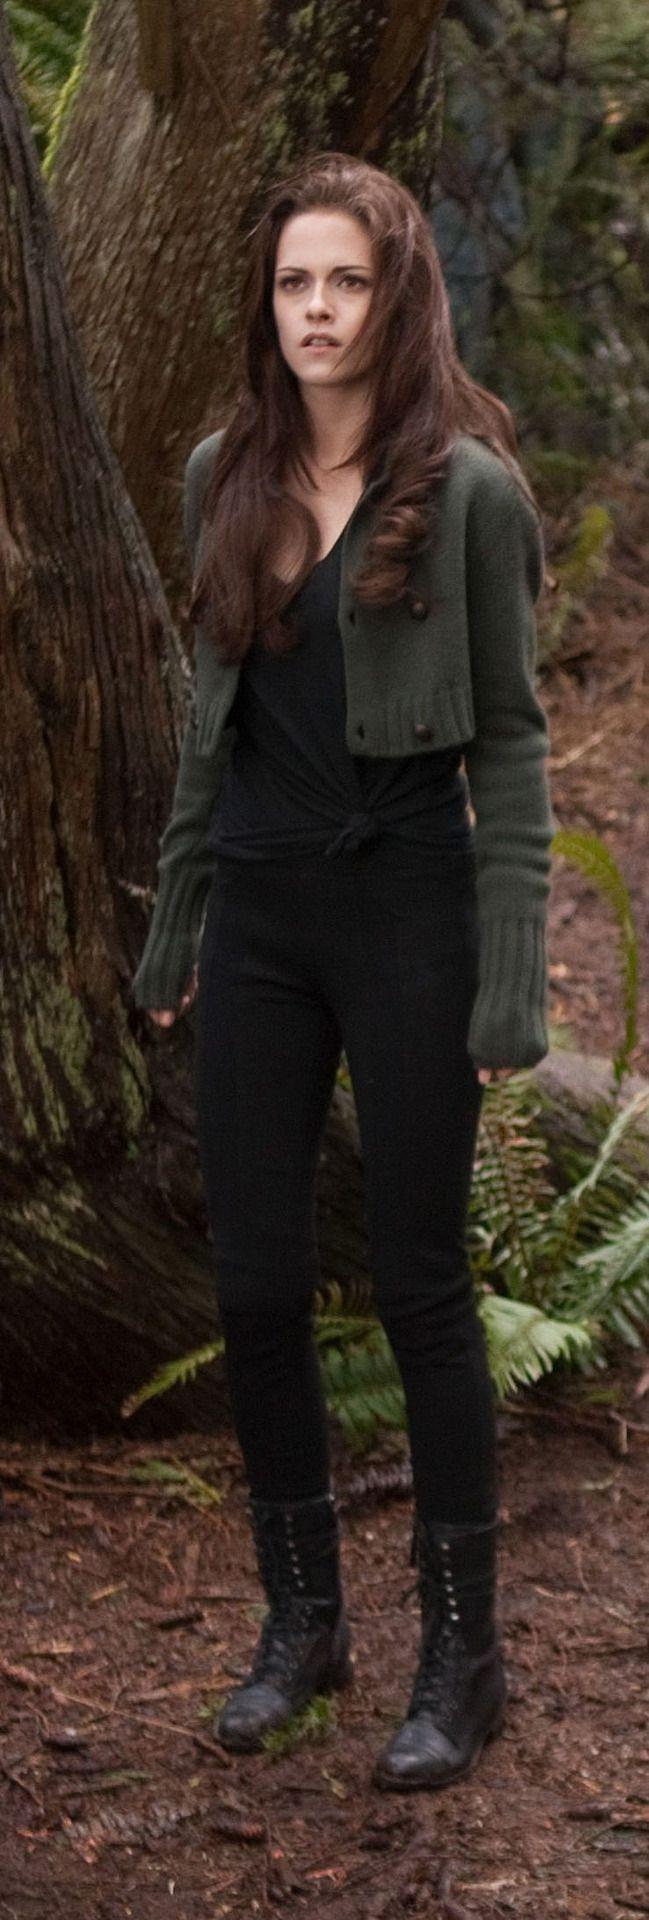 Twilight Saga : Breaking Dawn : Part 2 ~ Bella Swan - Cullen ♡(Kristen Stewart)